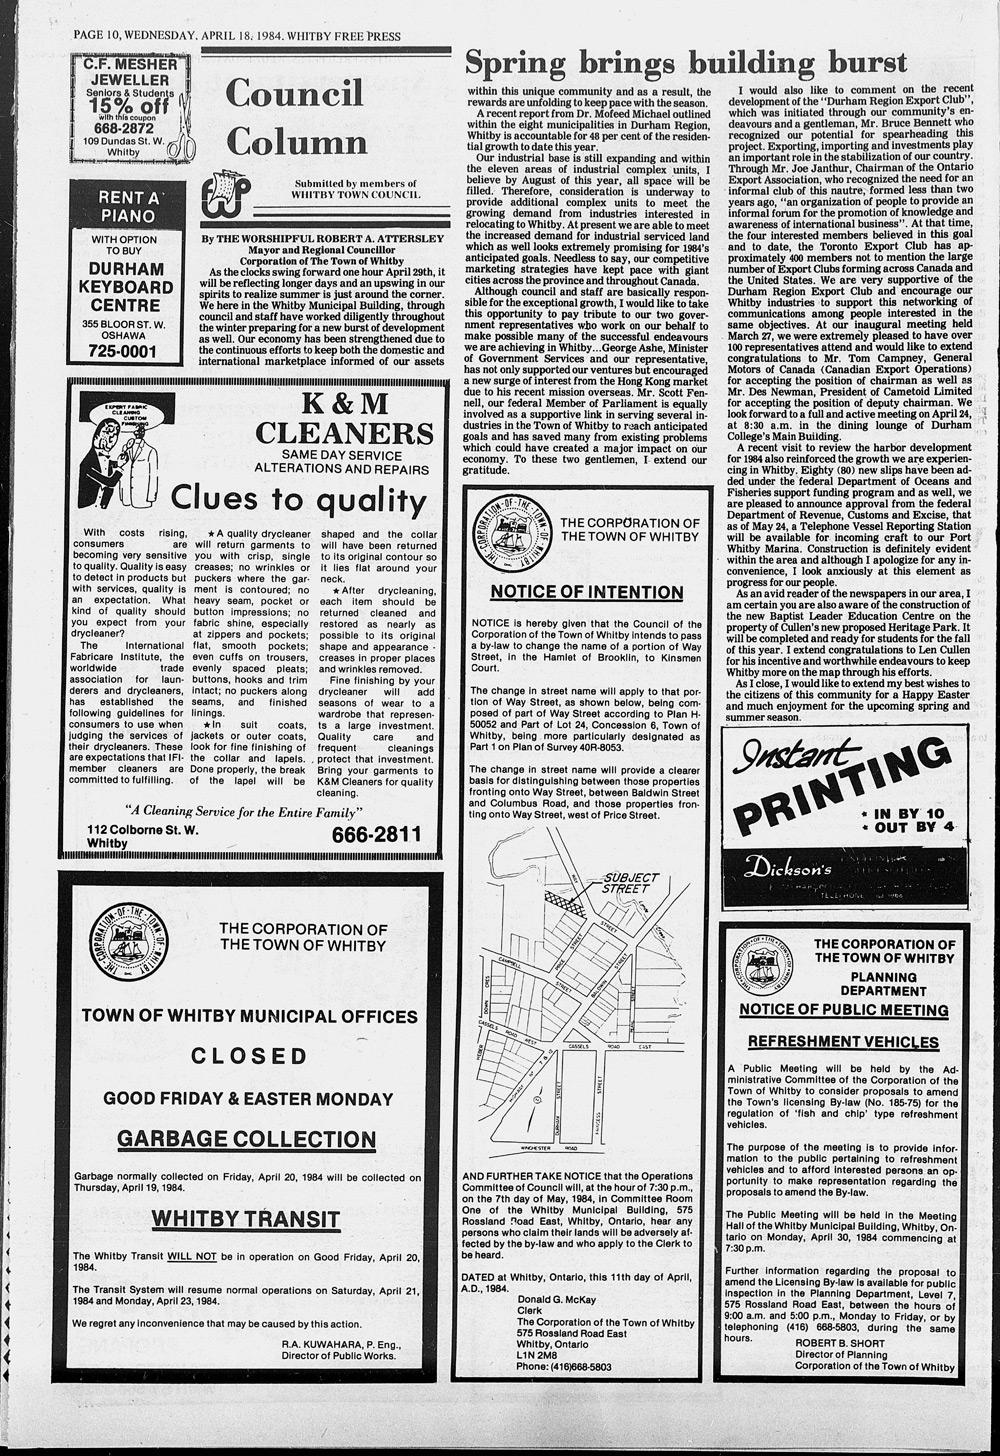 Whitby Free Press, 18 Apr 1984